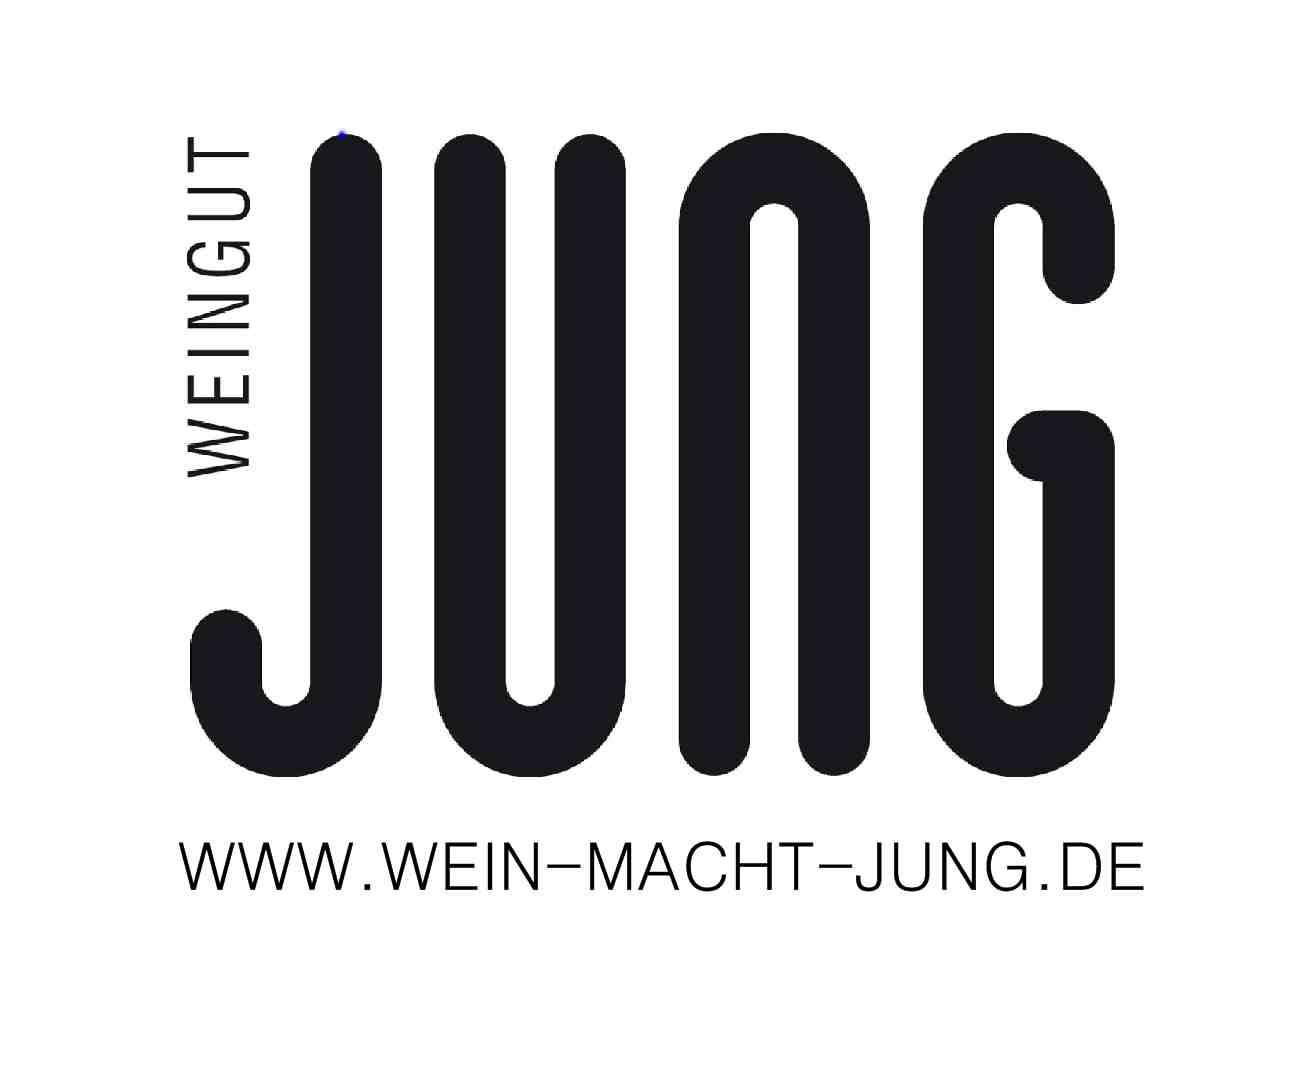 http://www.sgunsrheinhessen.de/wp-content/uploads/2017/07/Neues_Logo_Weingut_Jung.jpg